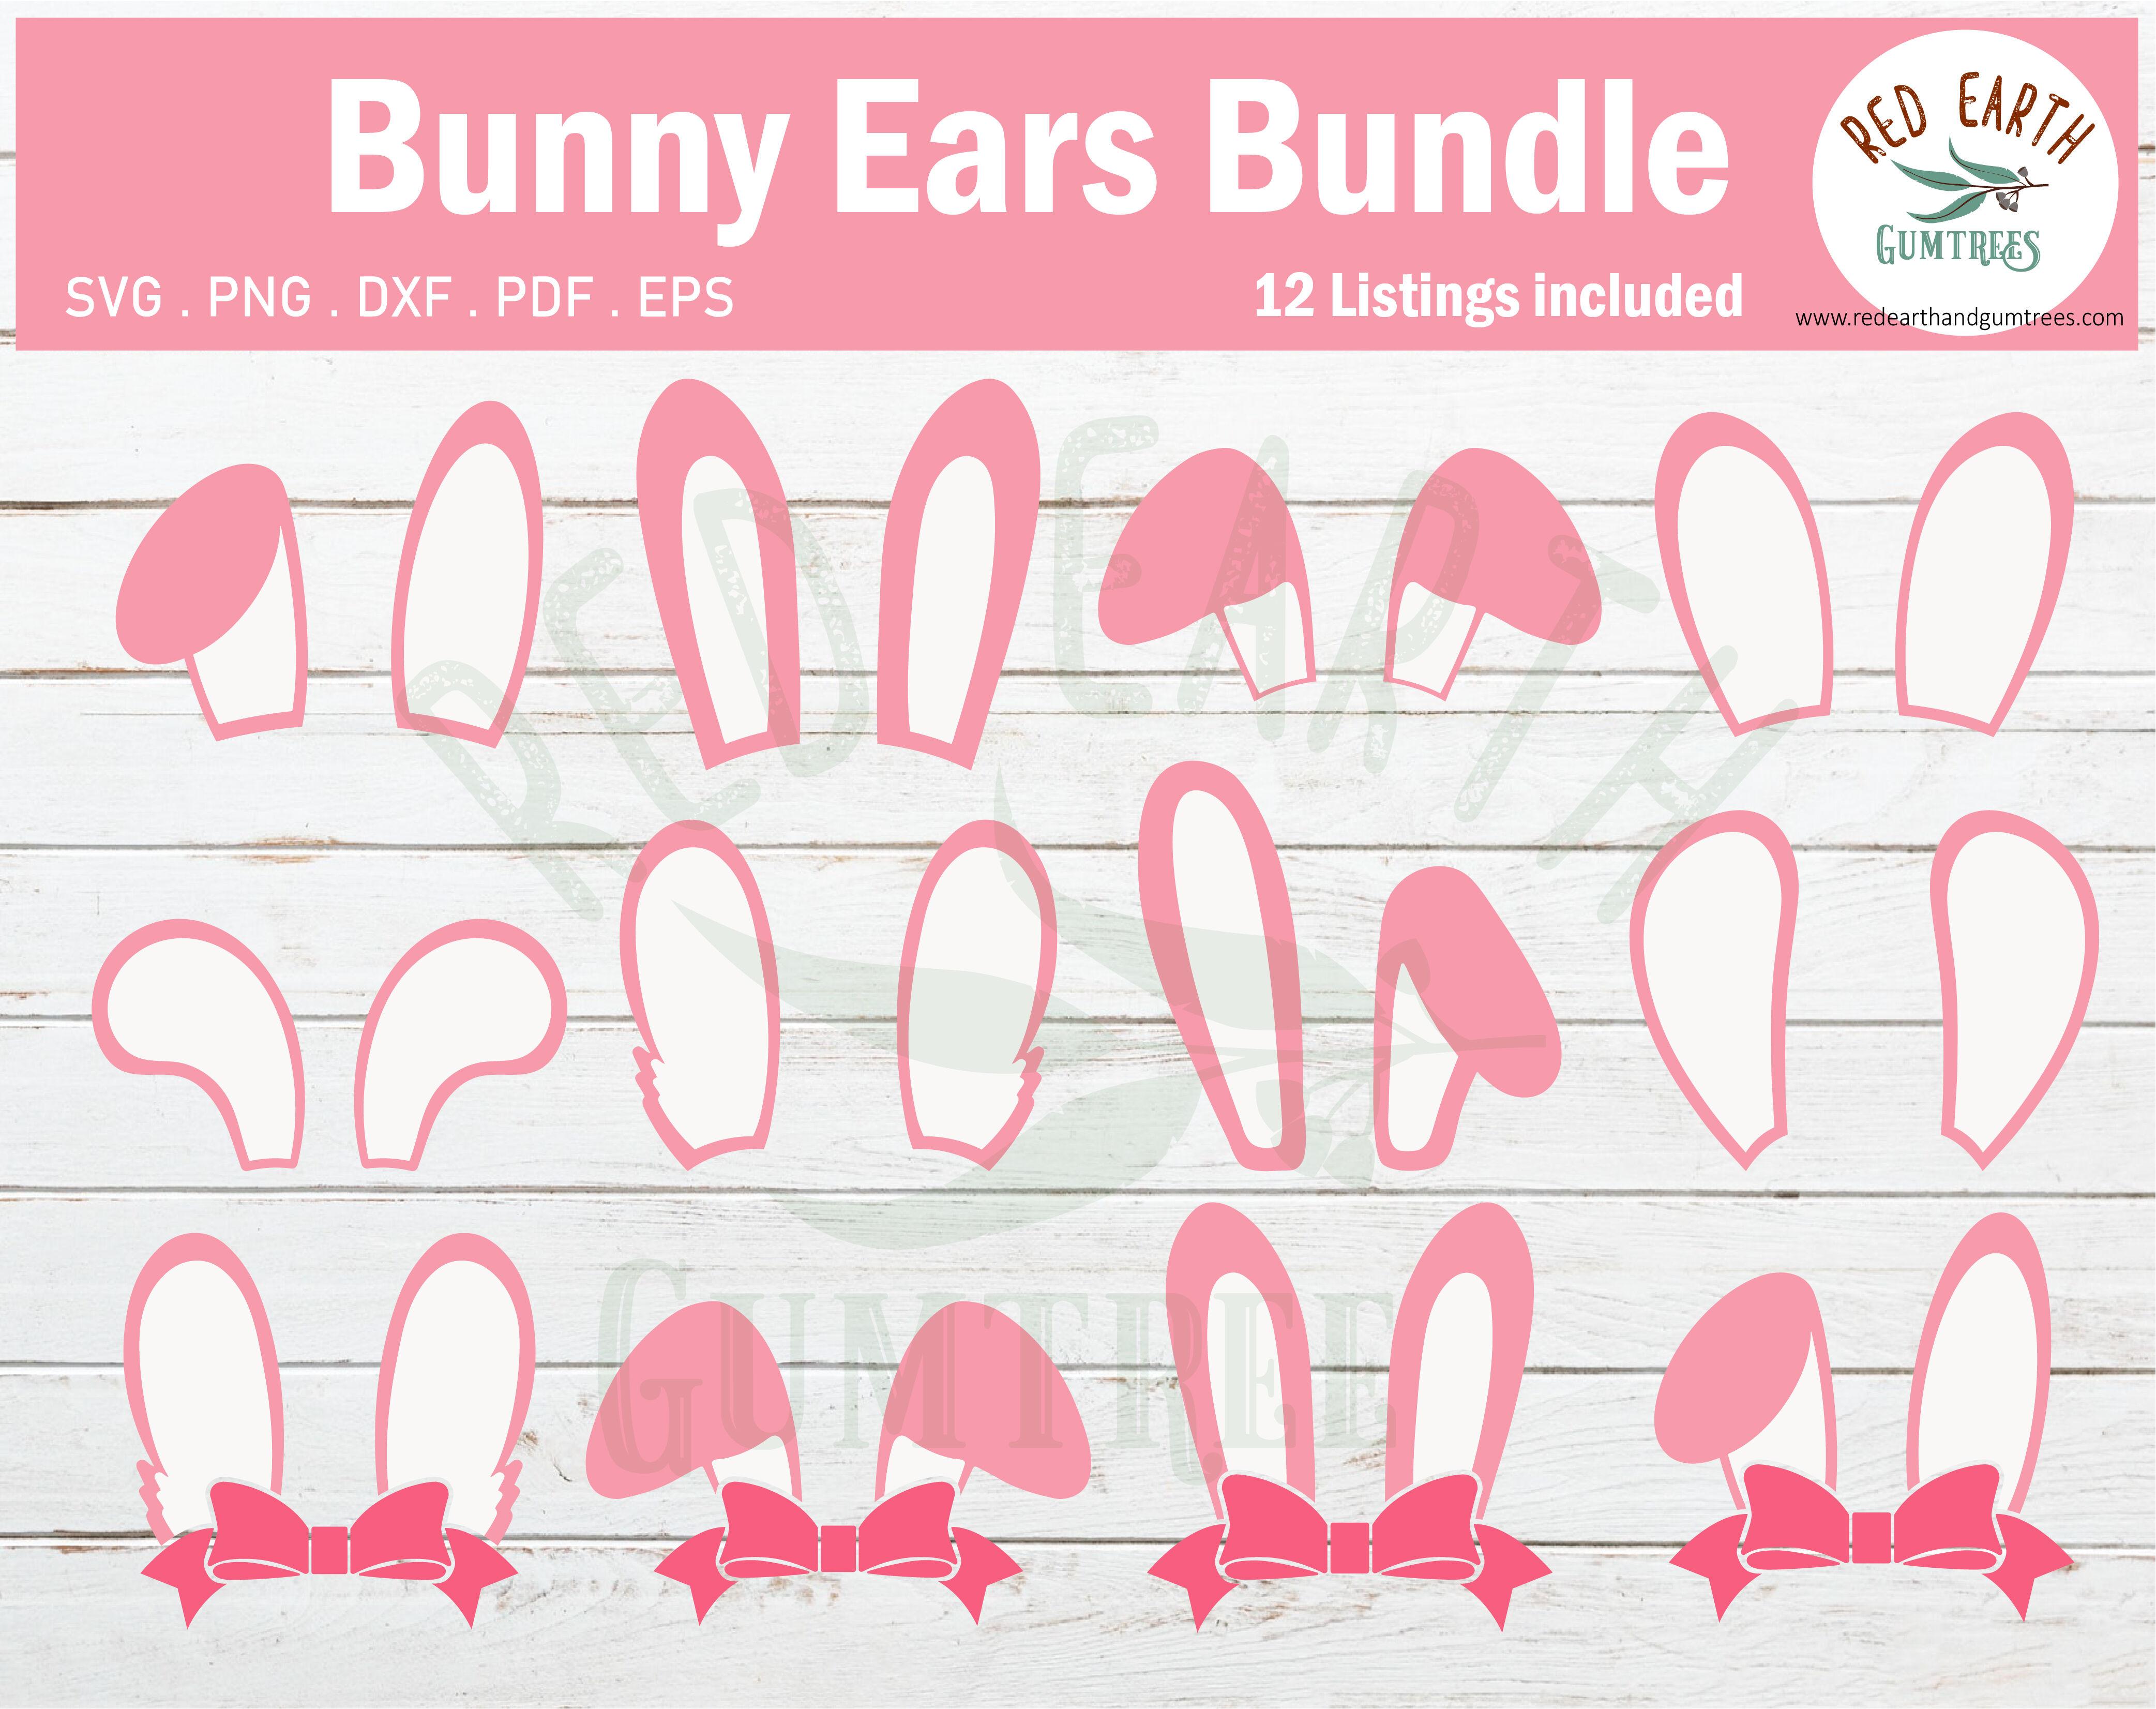 Easter Bunny Ears Bundle Svg Easter Rabbit Ears Bundle Svg Eps Pdf